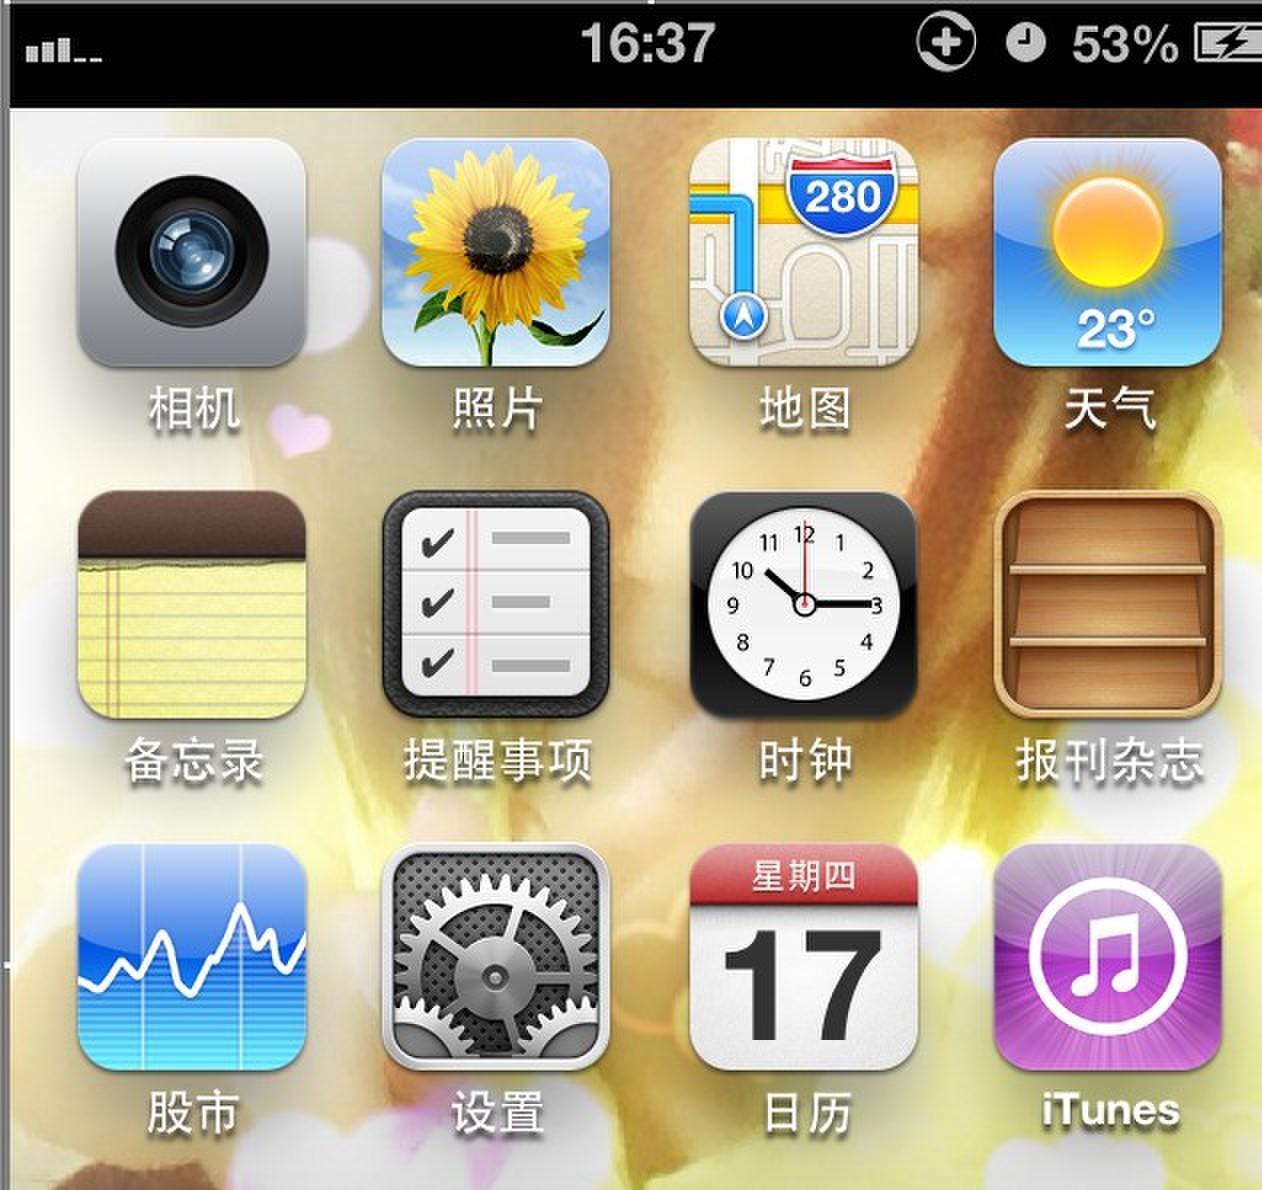 不知道为什么就没现实卜出来中国移动几个字了,卜能打电话,卜能接电话图片